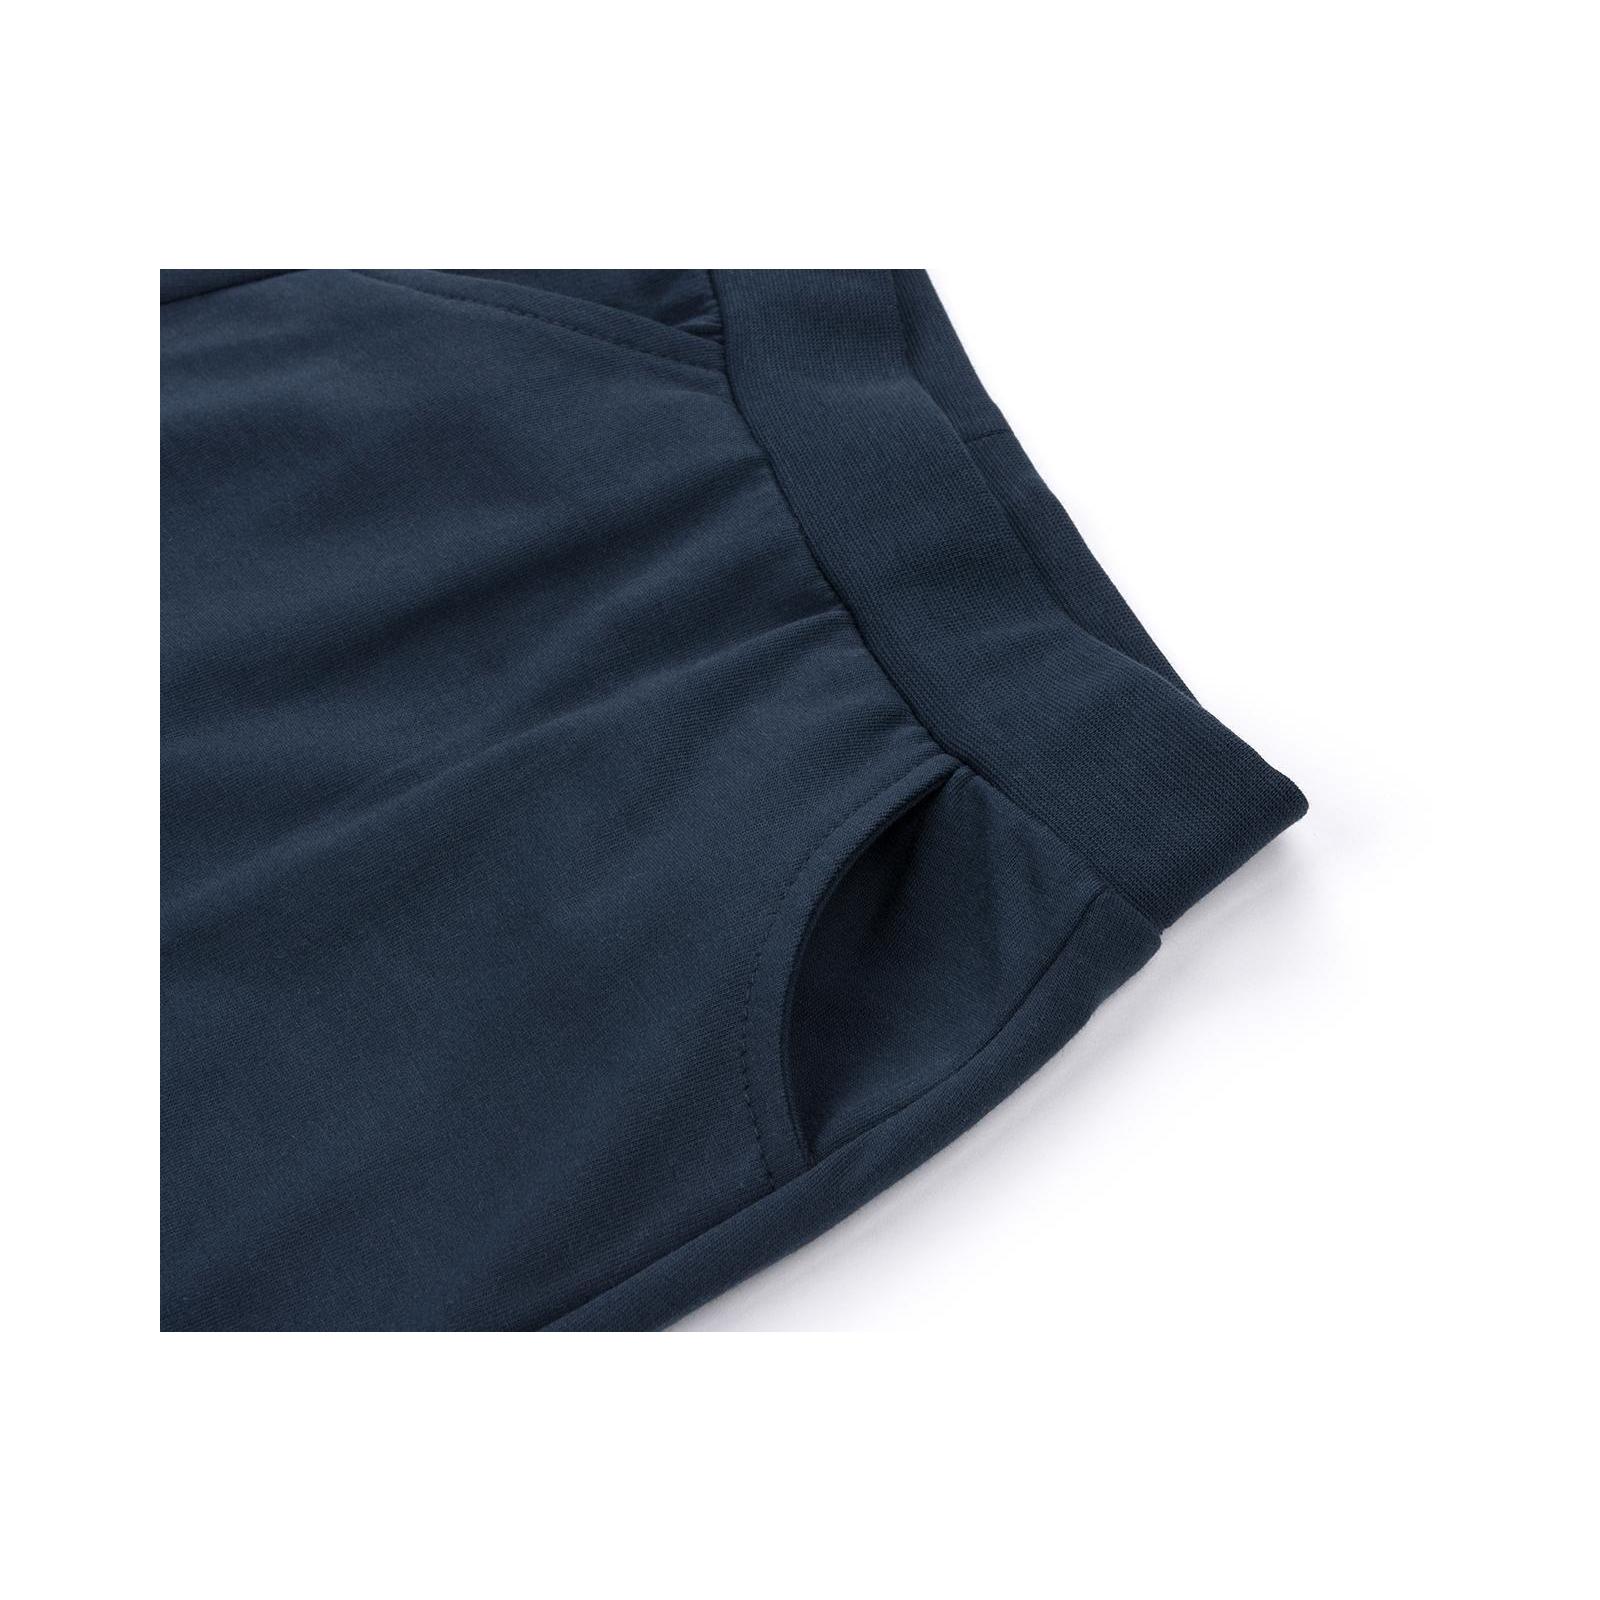 Набор детской одежды Breeze с карманчиками (10234-92G-blue) изображение 10